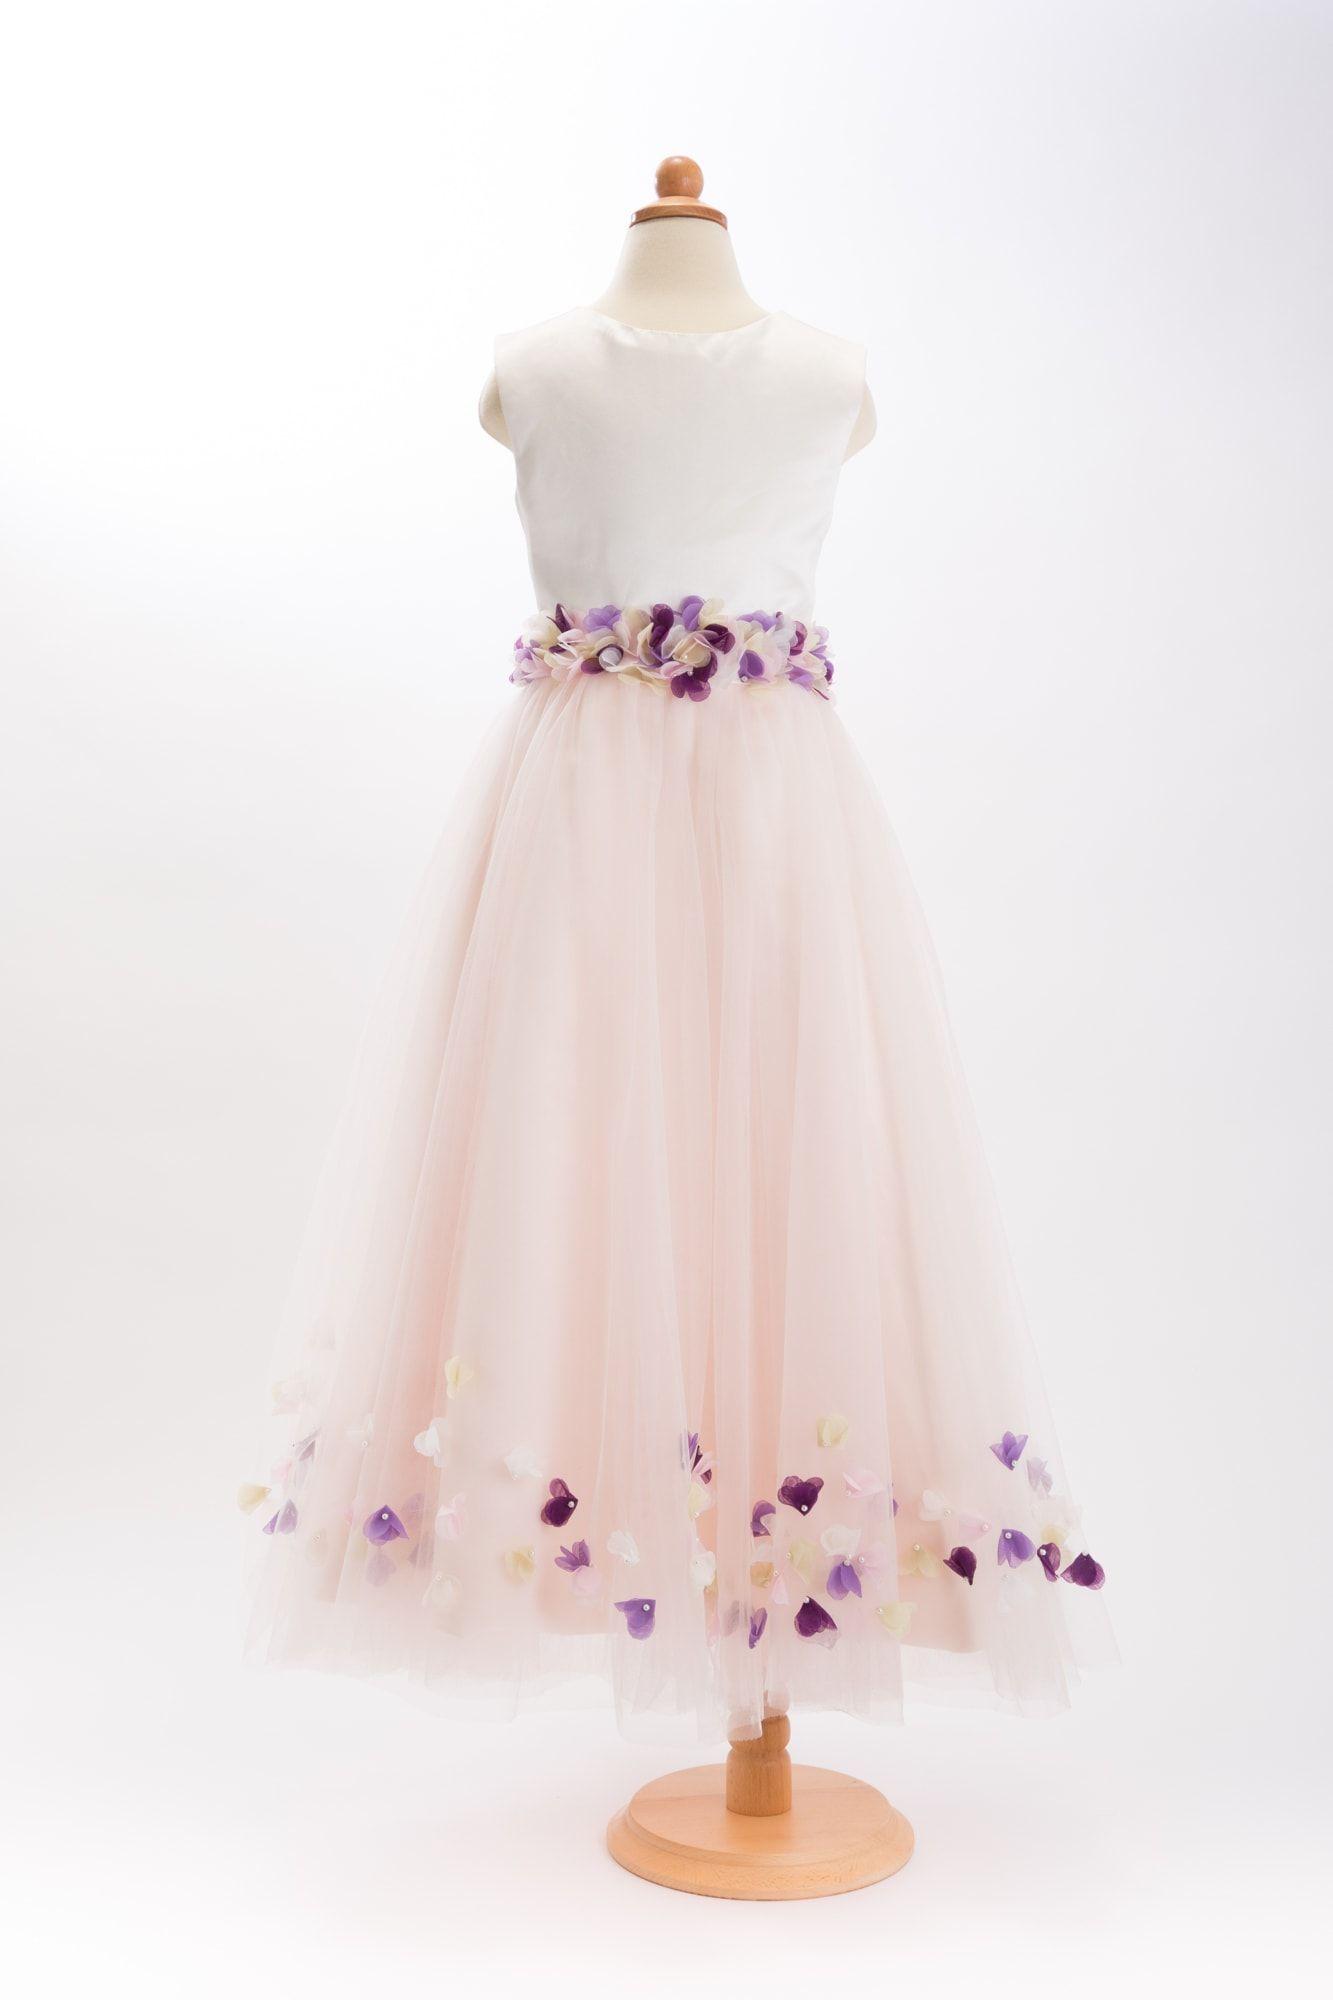 フラワーチュールドレス ピンク ¥18,900(税込¥20,412) 淡いピンクのチュールが何枚も重なったボリューミーなスカートを純白のサテンの上半身が引き締めます。 ウエストと裾にお花がちりばめられていてとっても華やかです。